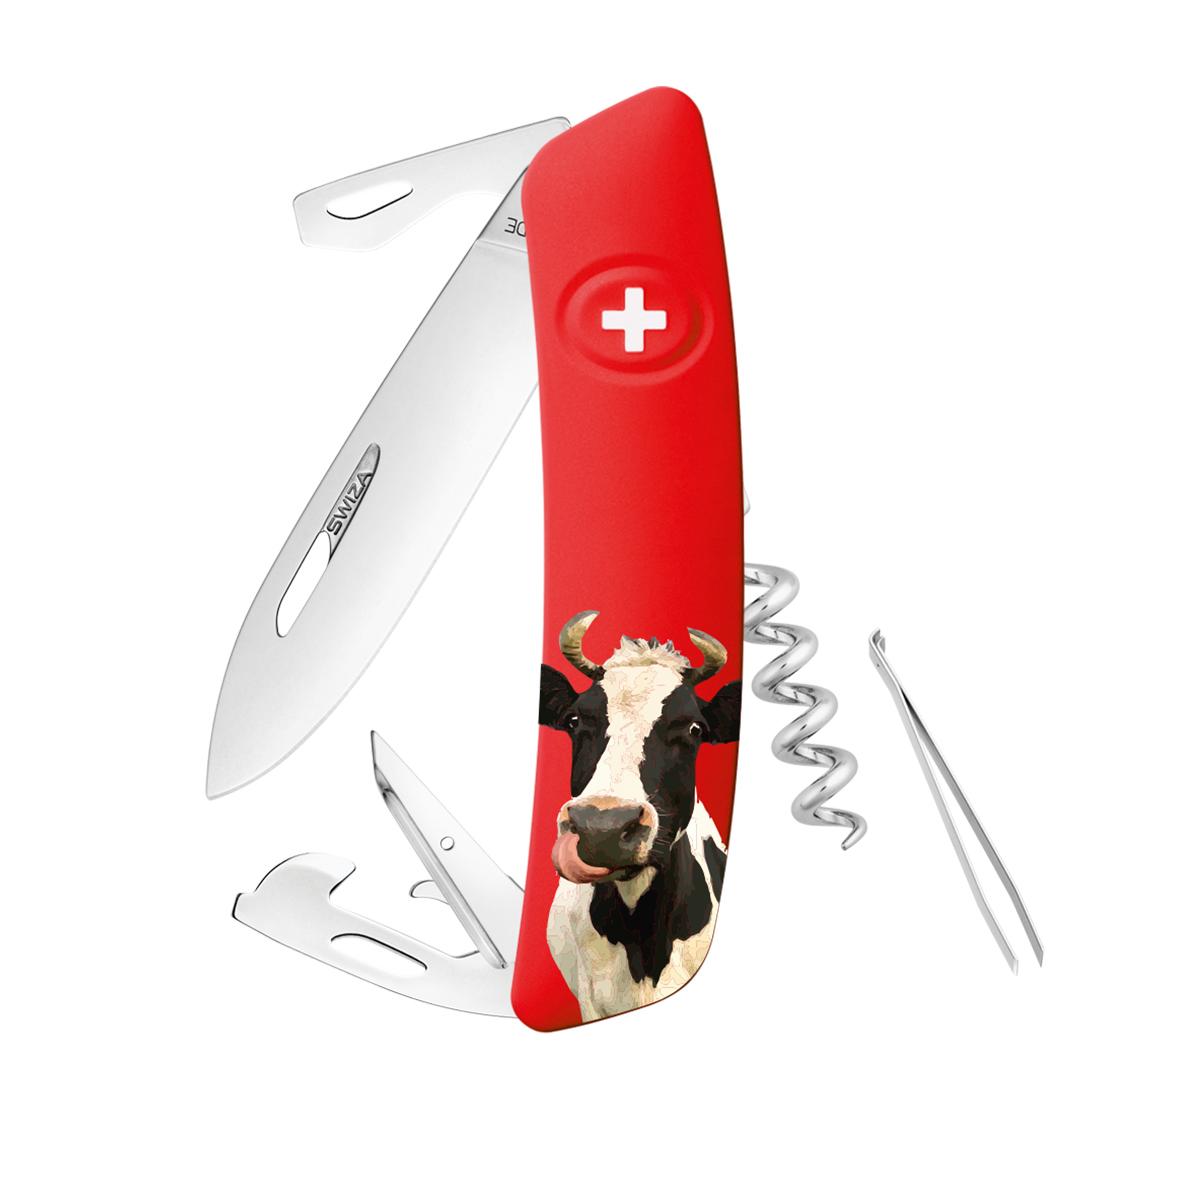 Schweizer Taschenmesser Swiza D03 Kuh rot